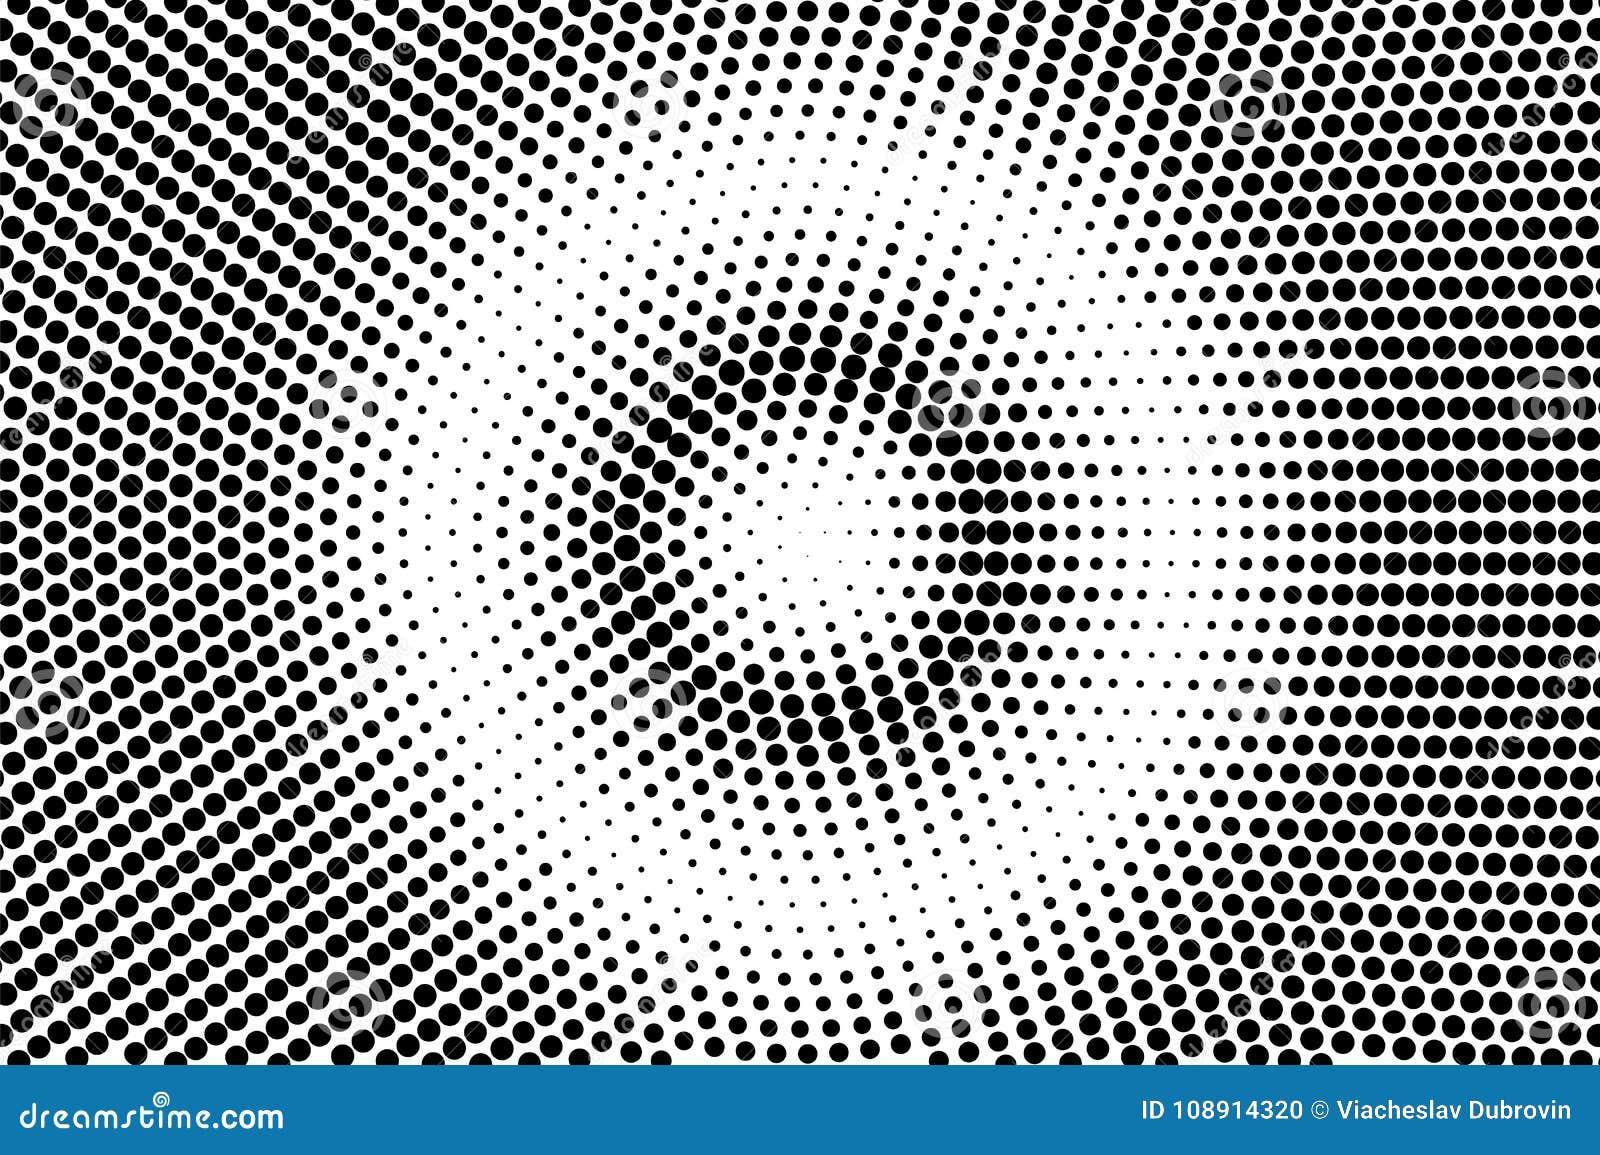 Pendenza punteggiata concentrata bianco nero Fondo del semitono